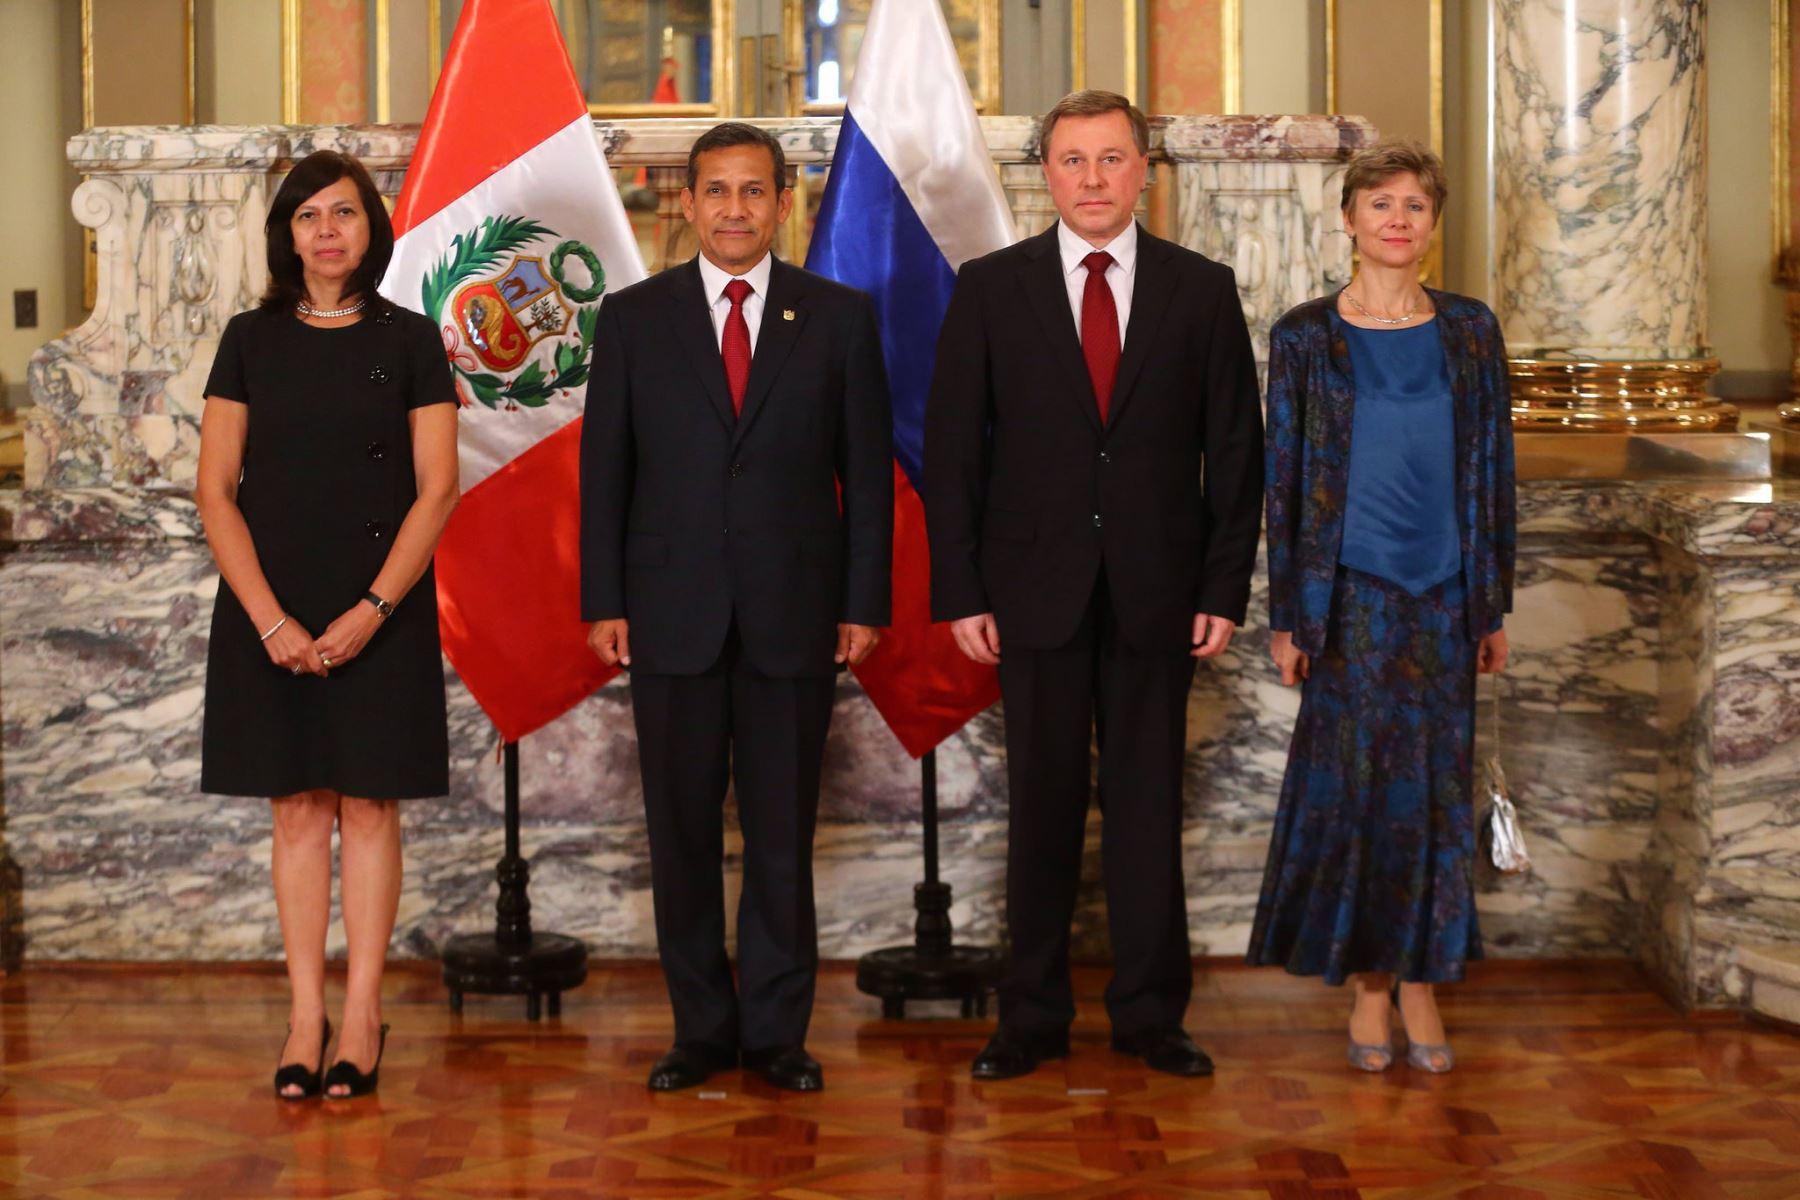 Presidente Ollanta Humala recibe cartas credenciales de embajador de la Federación Rusa, Andrey A. Guskov.